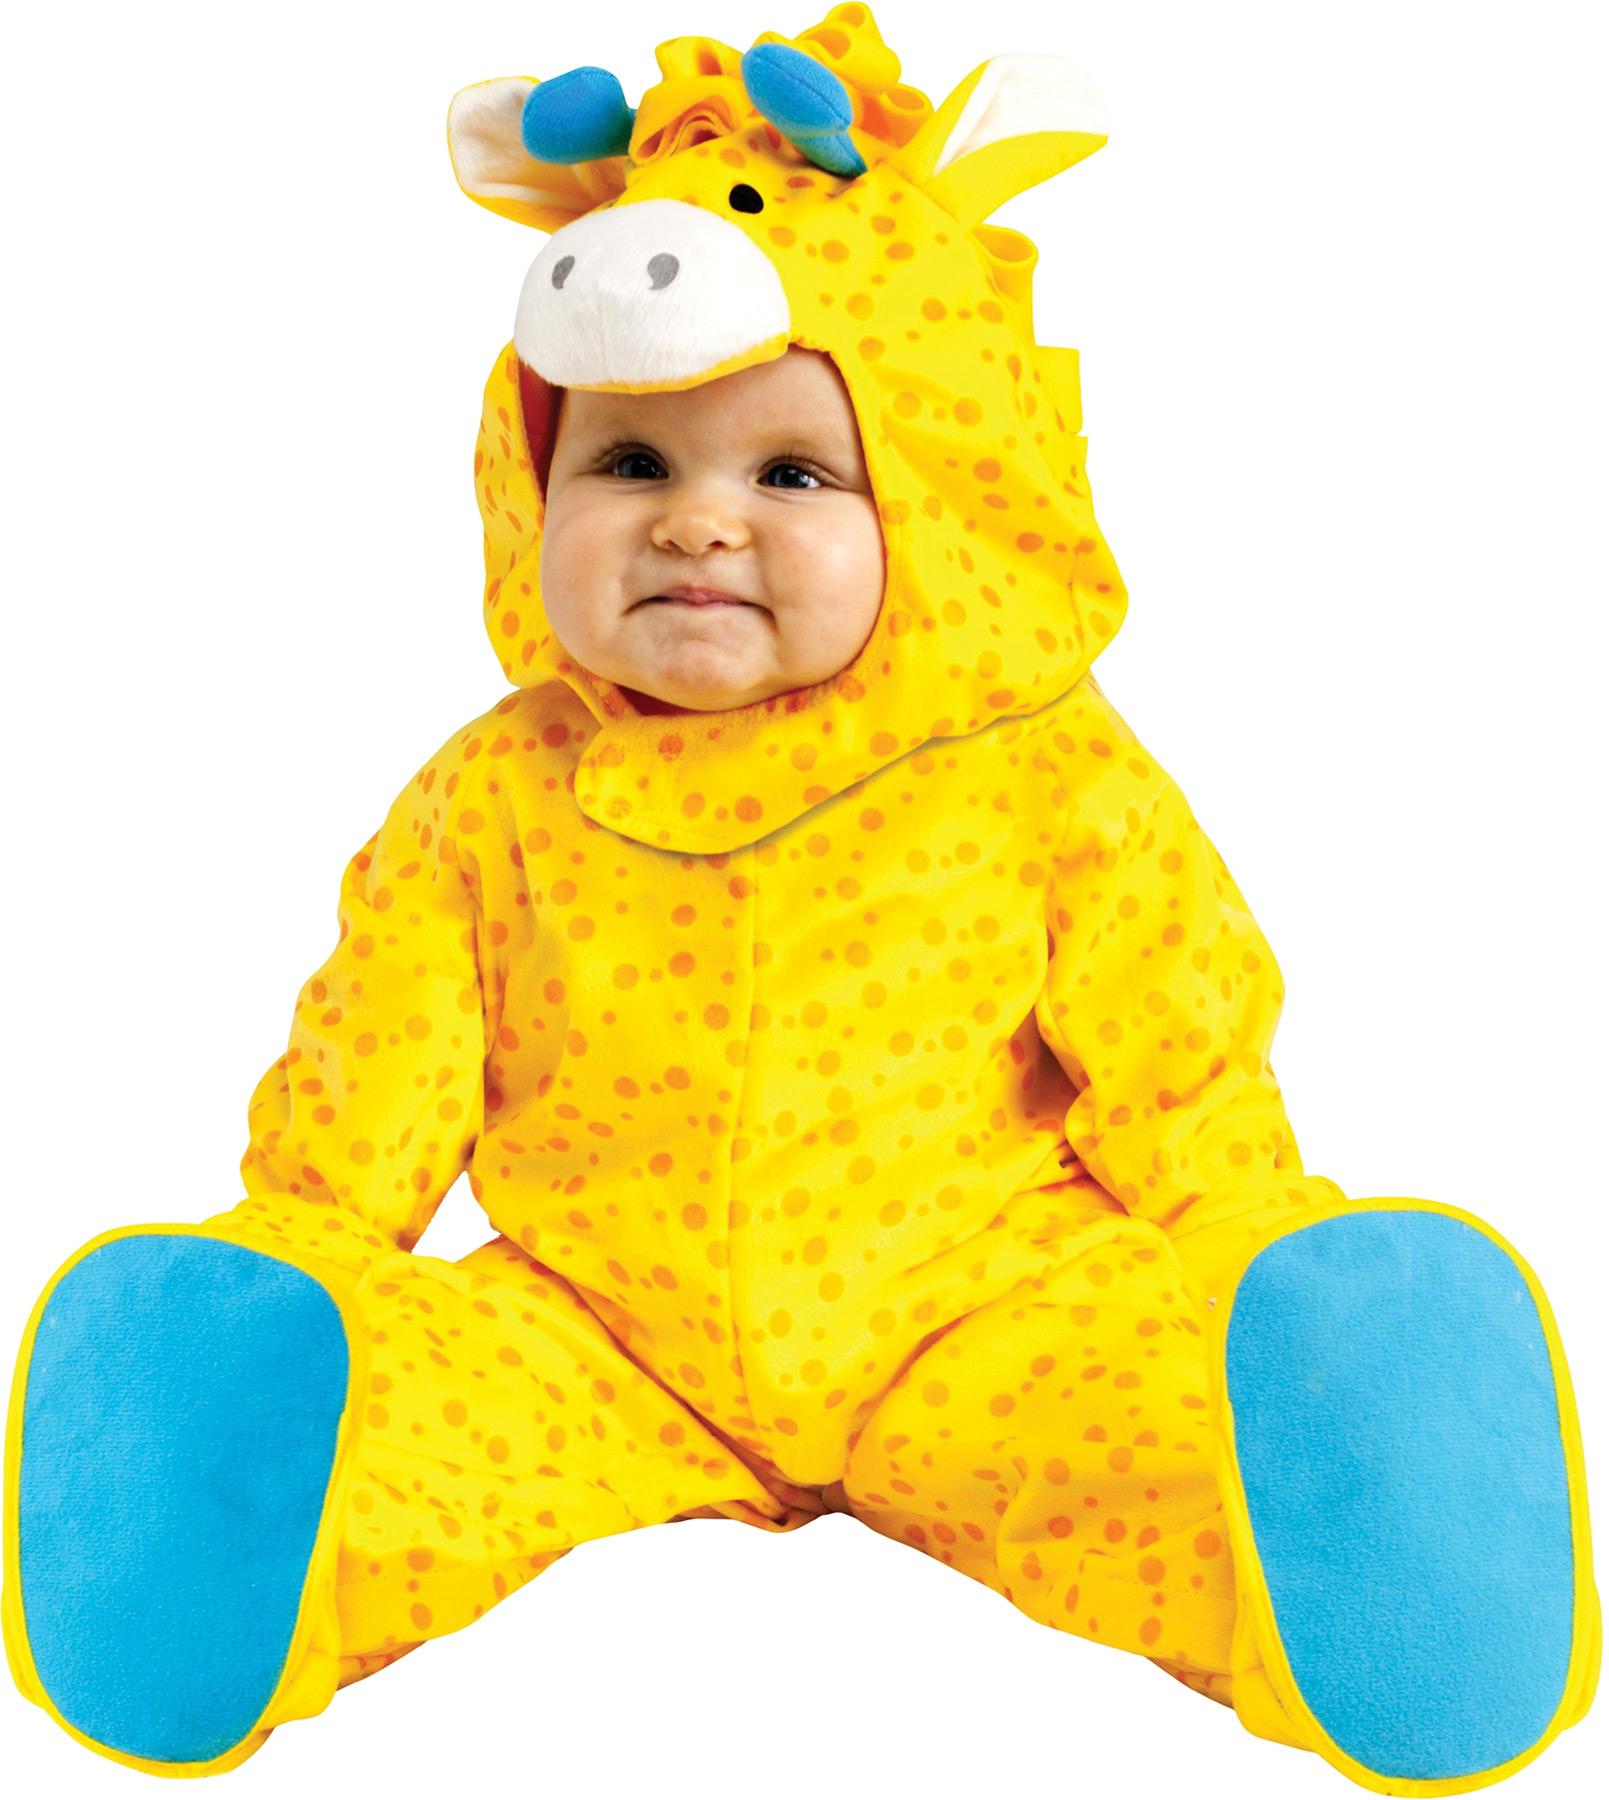 GIRAFFE INFANT 12-24 MO